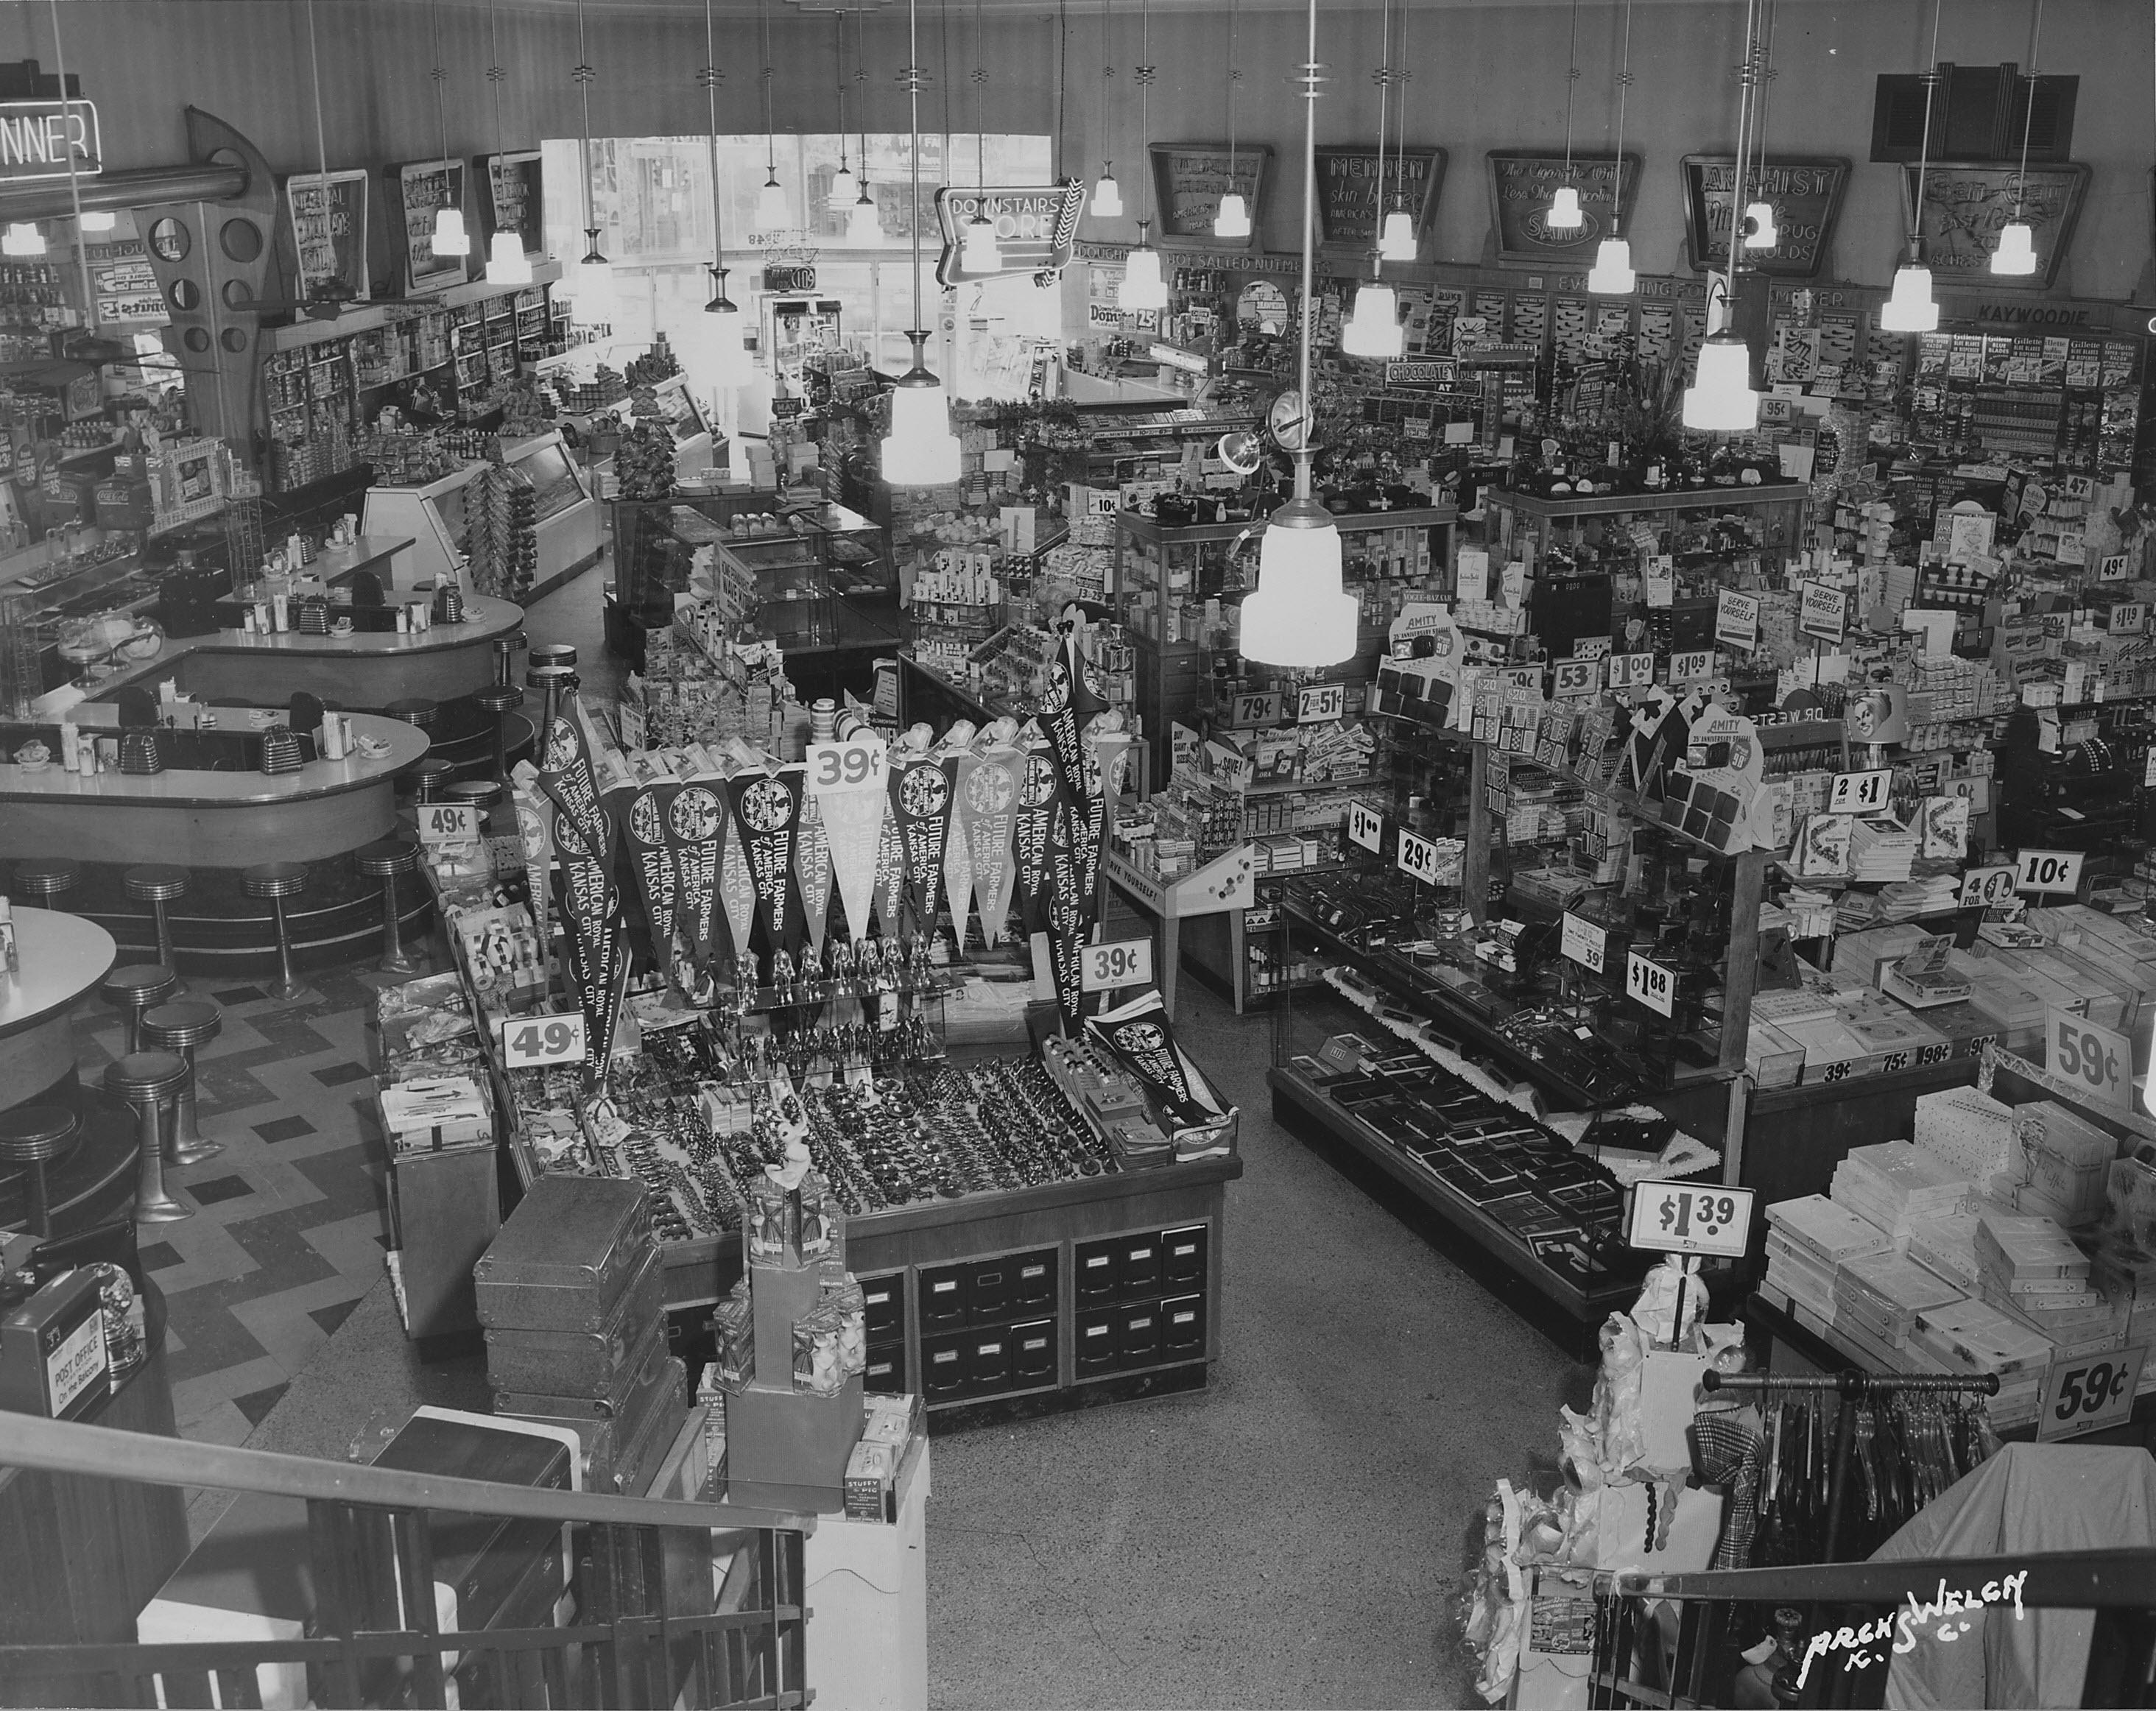 Interior of Katz drug store. Kansas City, MO. Circa 1950.